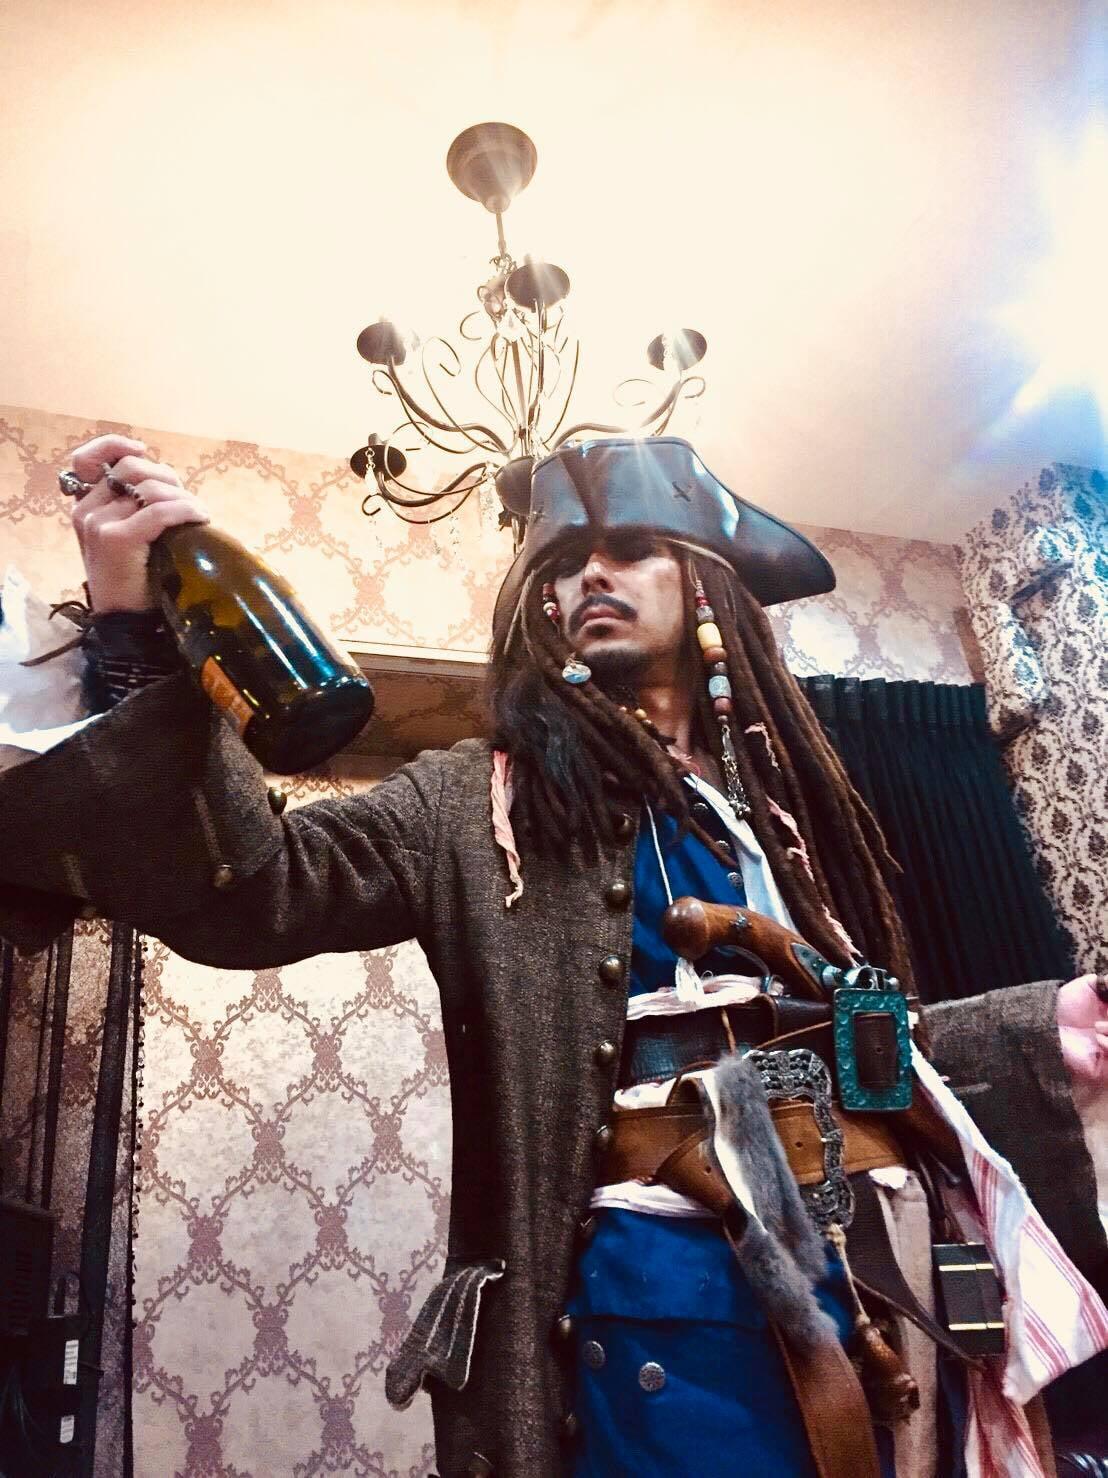 【イベント司会】あの海賊が登場!!ゴーゴースパロウのイメージその2